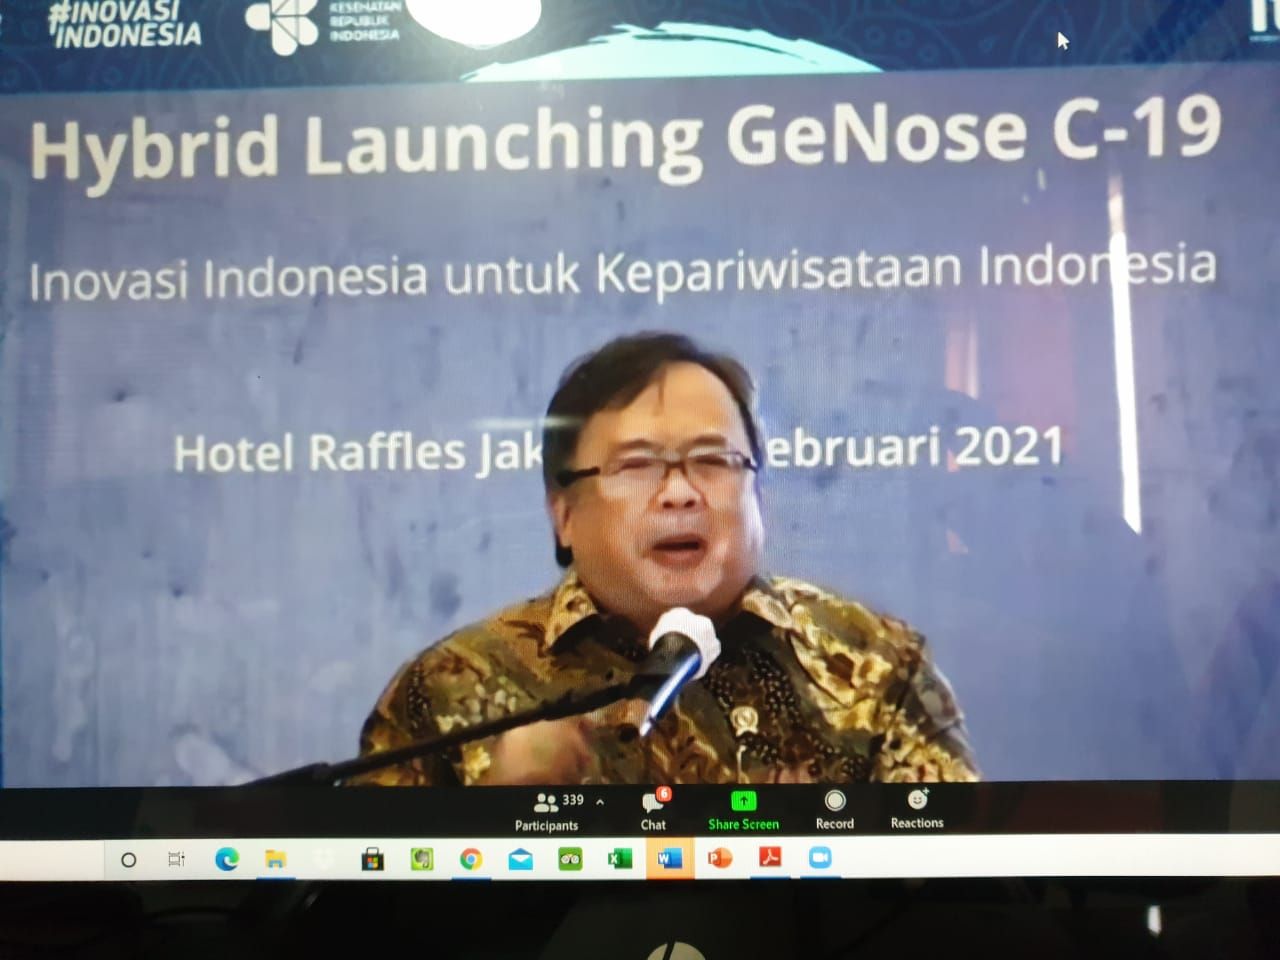 Menteri Riset dan Teknologi/Kepala Badan Riset dan Inovasi Nasional Bambang Brodjonegoro